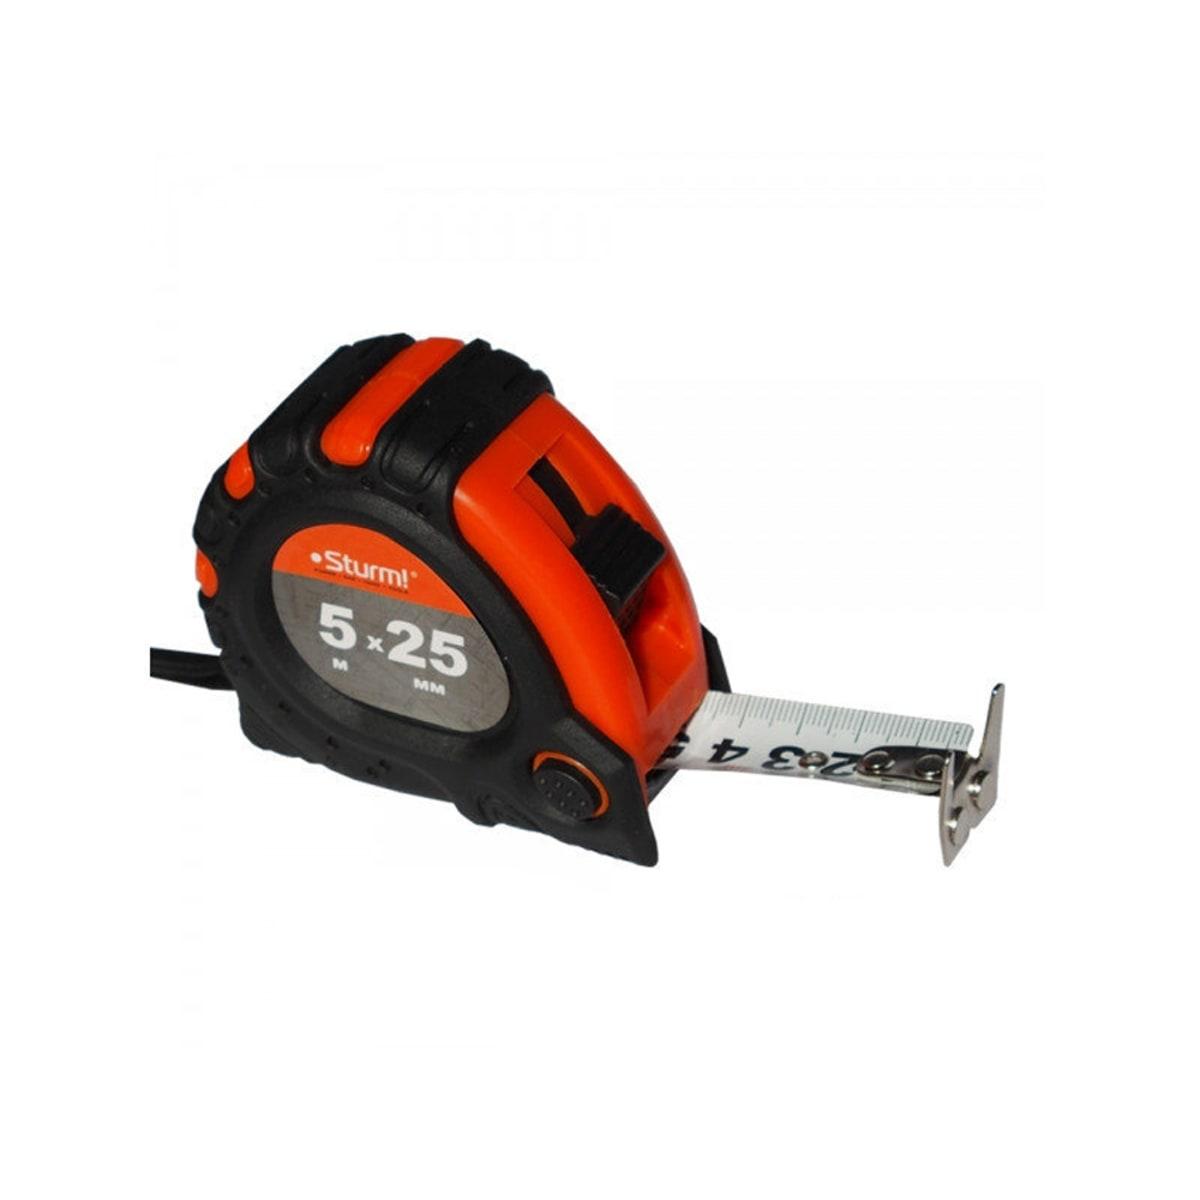 Карманная рулетка Sturm! 3100102 5х25мм в обрезиненный корпус с усиленным магнитом